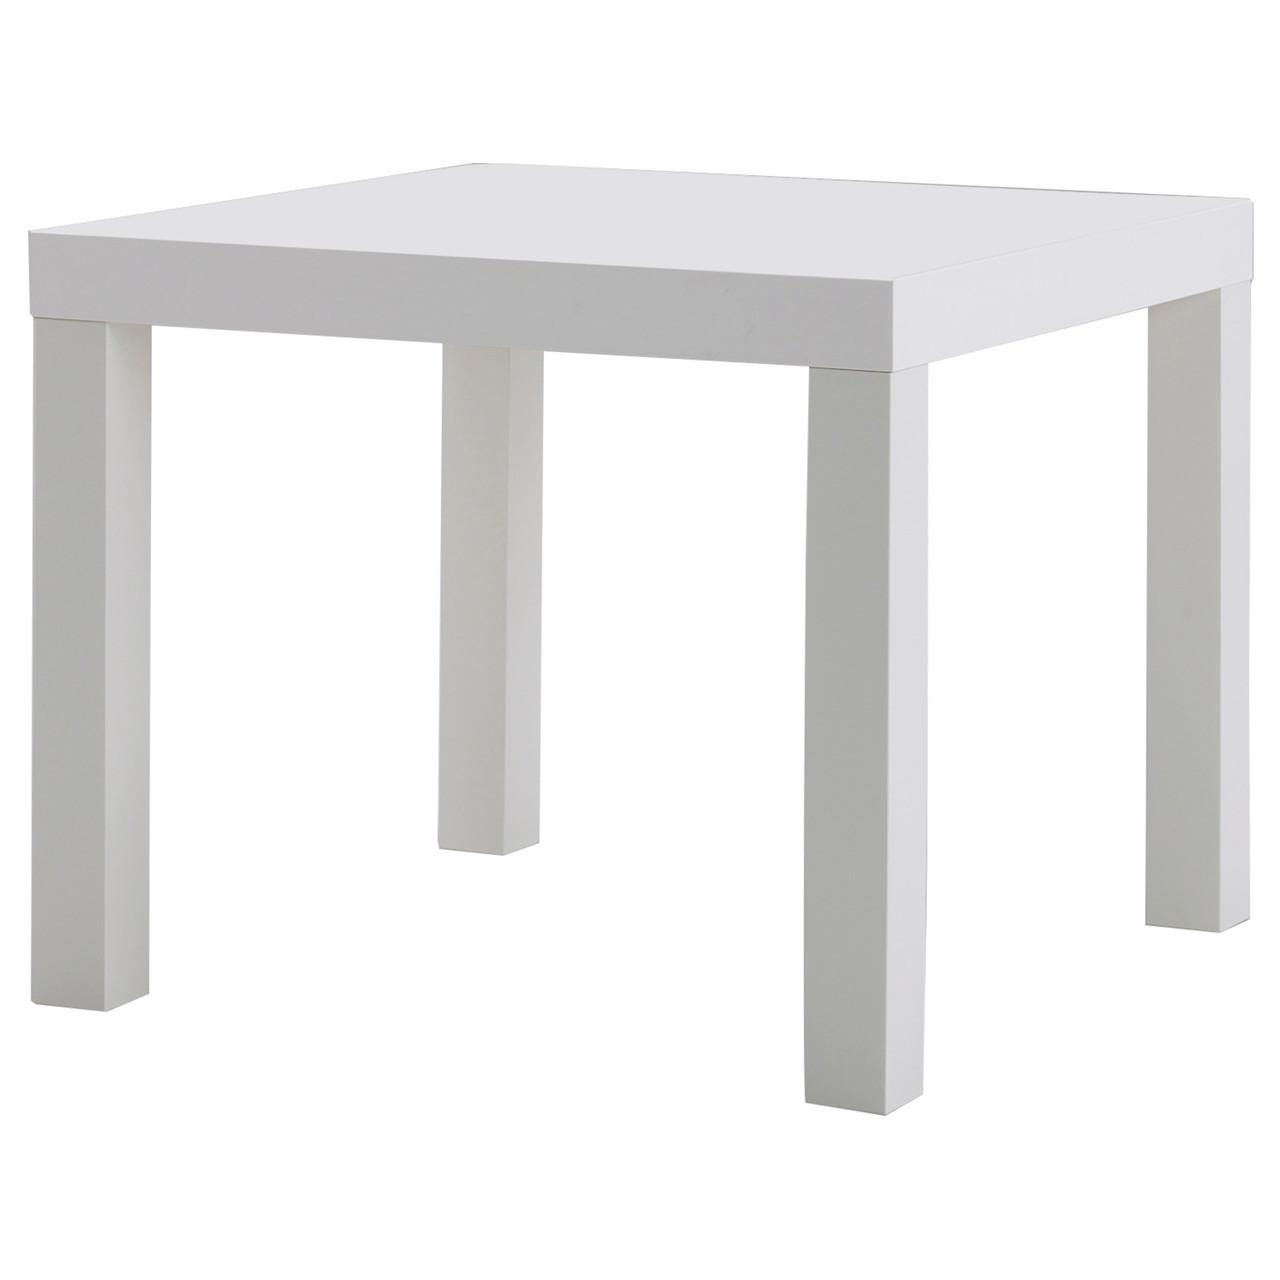 LACK Придиванный столик, белый 200.114.13